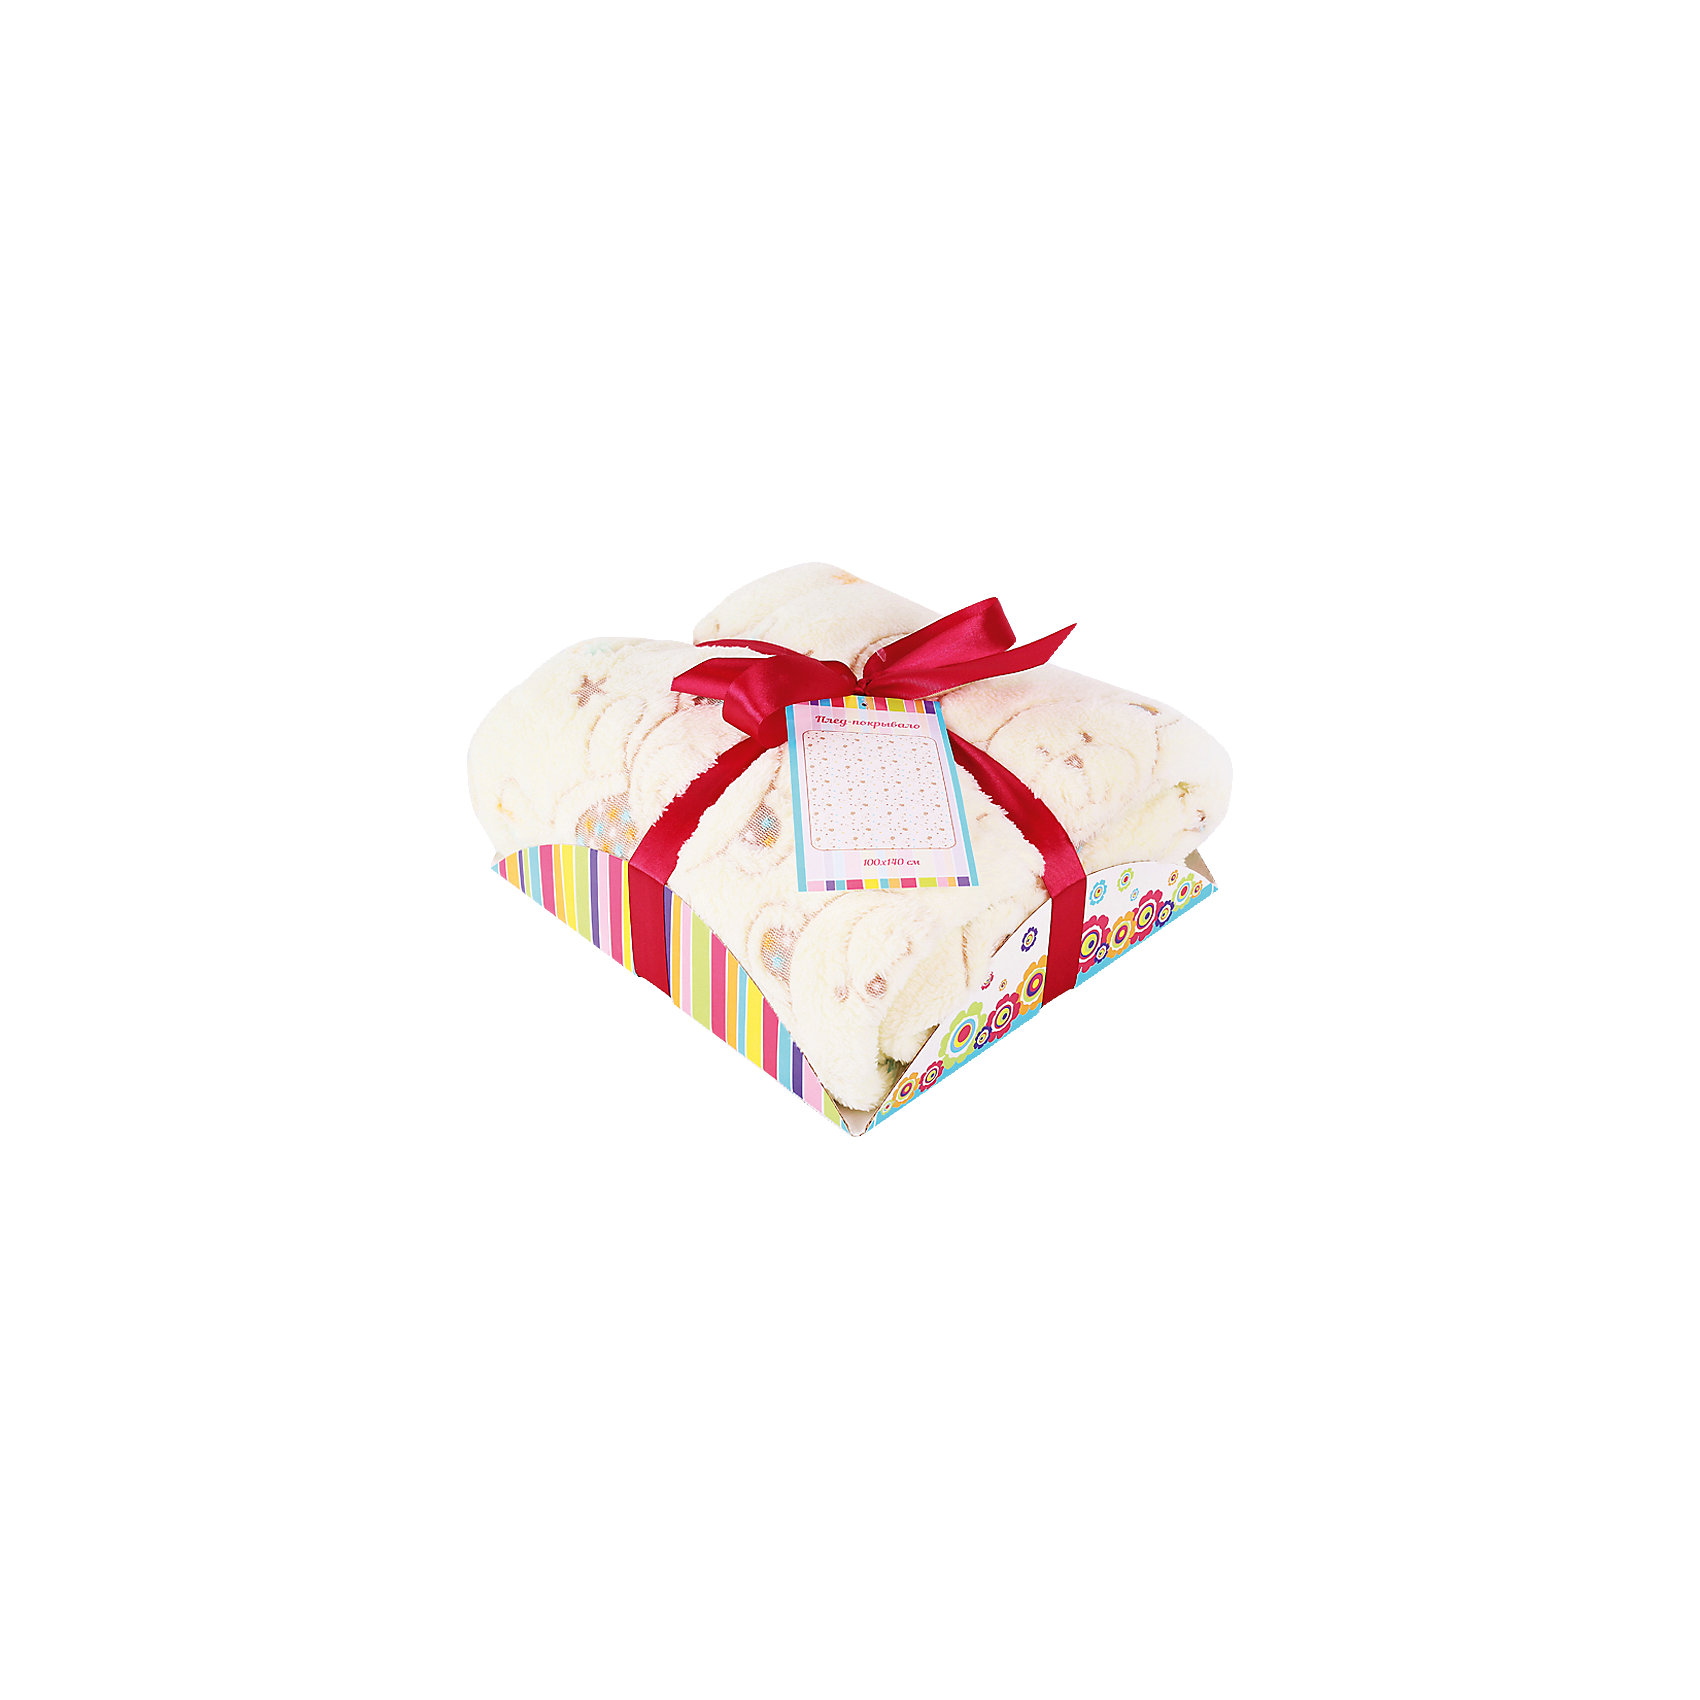 Плед-покрывало VELSOFT, 2-х стор., Baby NiceПлед-покрывало Velsoft, Baby Nice, замечательно подойдет для детской спальни в качестве легкого одеяла или покрывала для кроватки, а также согреет малыша на улице в прохладную погоду. Двухсторонний плед очень мягкий и нежный на ощупь, имеет приятную розовую расцветку и украшен симпатичными принтами. Выполнен из велсофта - высококачественного гипоаллергенного материала, который хорошо сохраняет тепло и пропускает воздух, впитывает лишнюю влагу, легко стирается и сохраняет свои качества даже после многочисленных стирок.<br><br>Дополнительная информация:<br><br>- Цвет: розовый.<br>- Материал: 100% полиэстер.<br>- Размер пледа: 100 х 140 см.<br>- Размер упаковки: 40 х 40 х 10 см.<br>- Вес: 0,5 кг.<br><br>Плед-покрывало Velsoft, Baby Nice, розовый, можно купить в нашем интернет-магазине.<br><br>Ширина мм: 400<br>Глубина мм: 400<br>Высота мм: 100<br>Вес г: 500<br>Возраст от месяцев: 0<br>Возраст до месяцев: 60<br>Пол: Унисекс<br>Возраст: Детский<br>SKU: 4032810